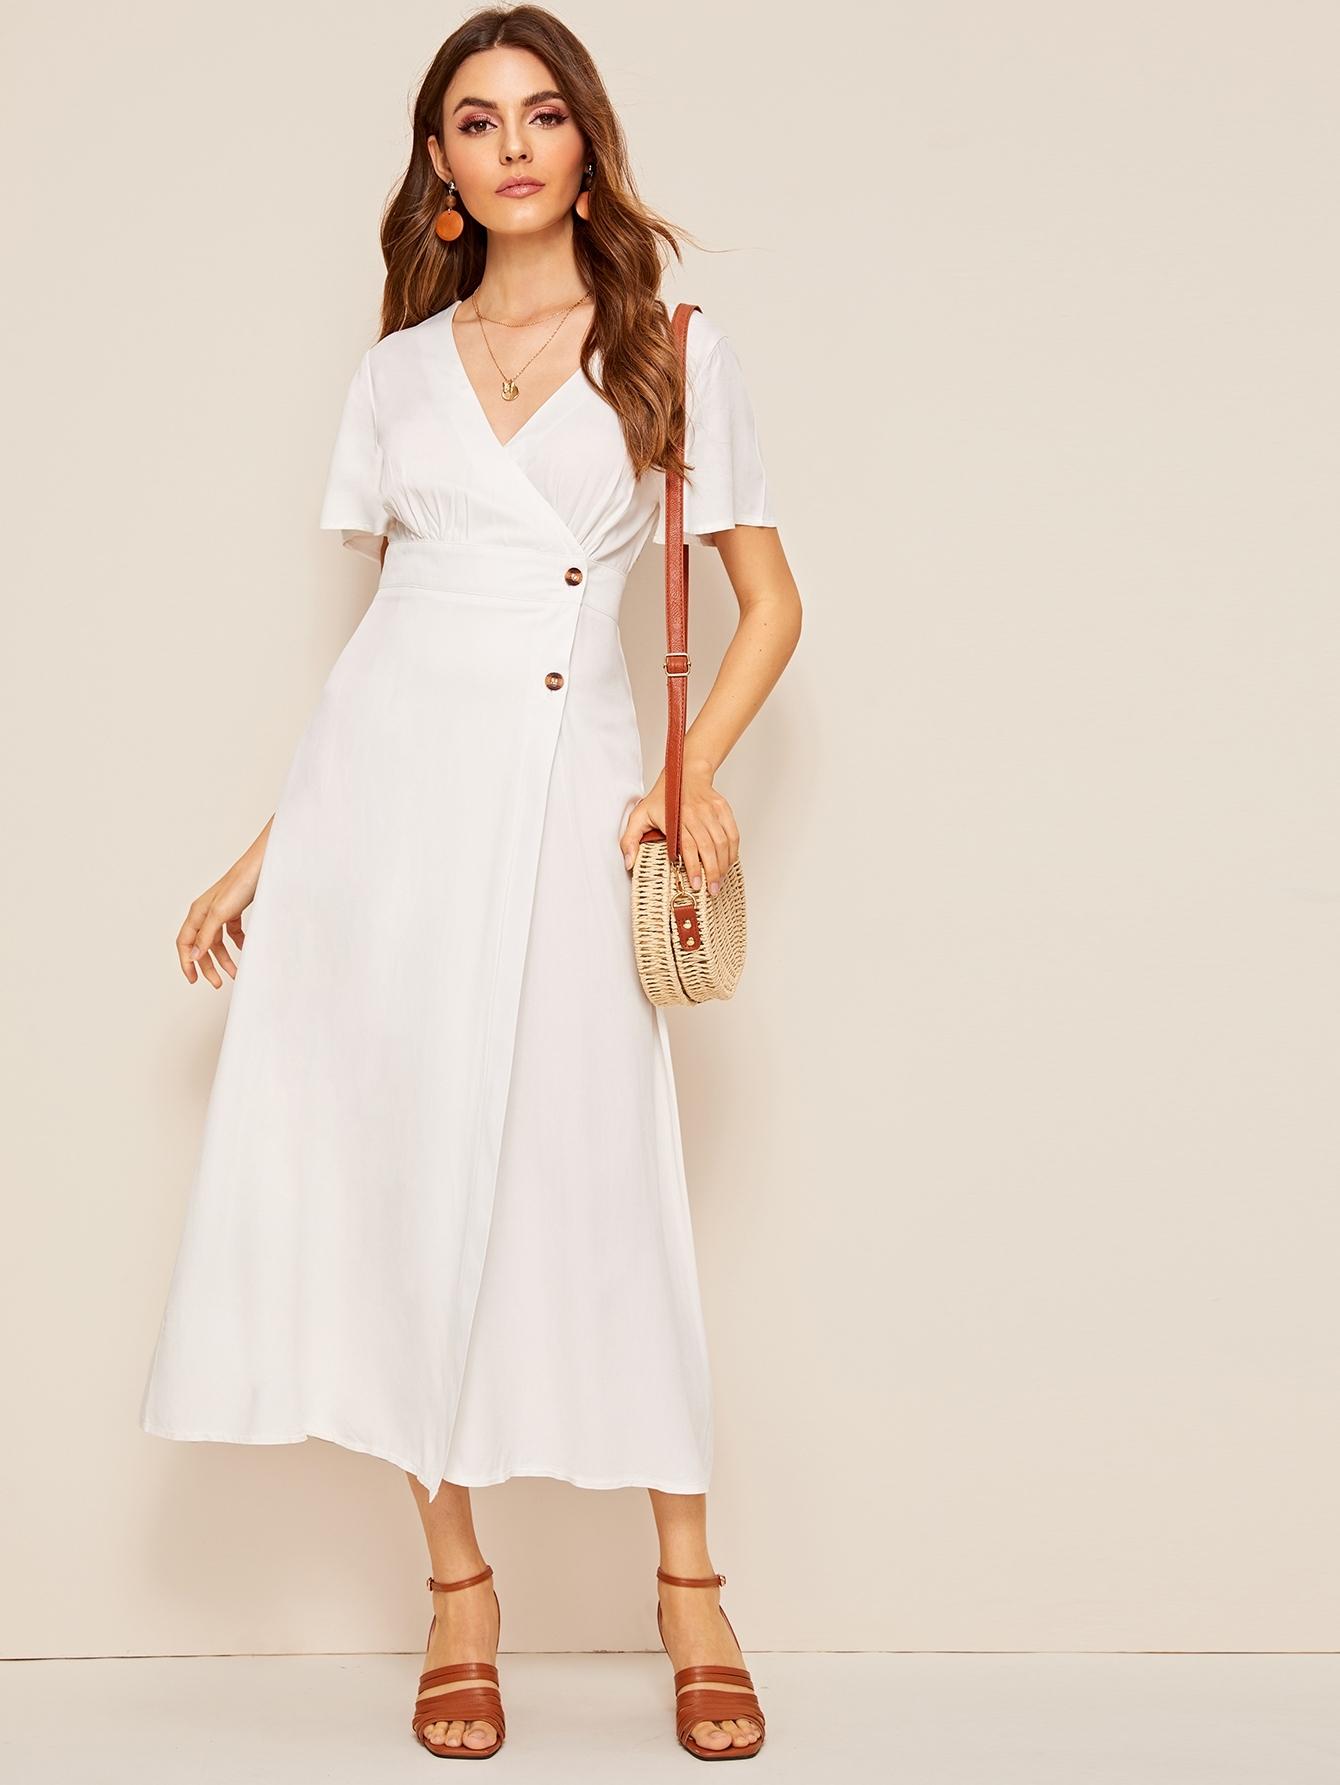 Фото - Платье на запах с пуговицами, поясом и глубоким V-образным вырезом от SheIn цвет белые